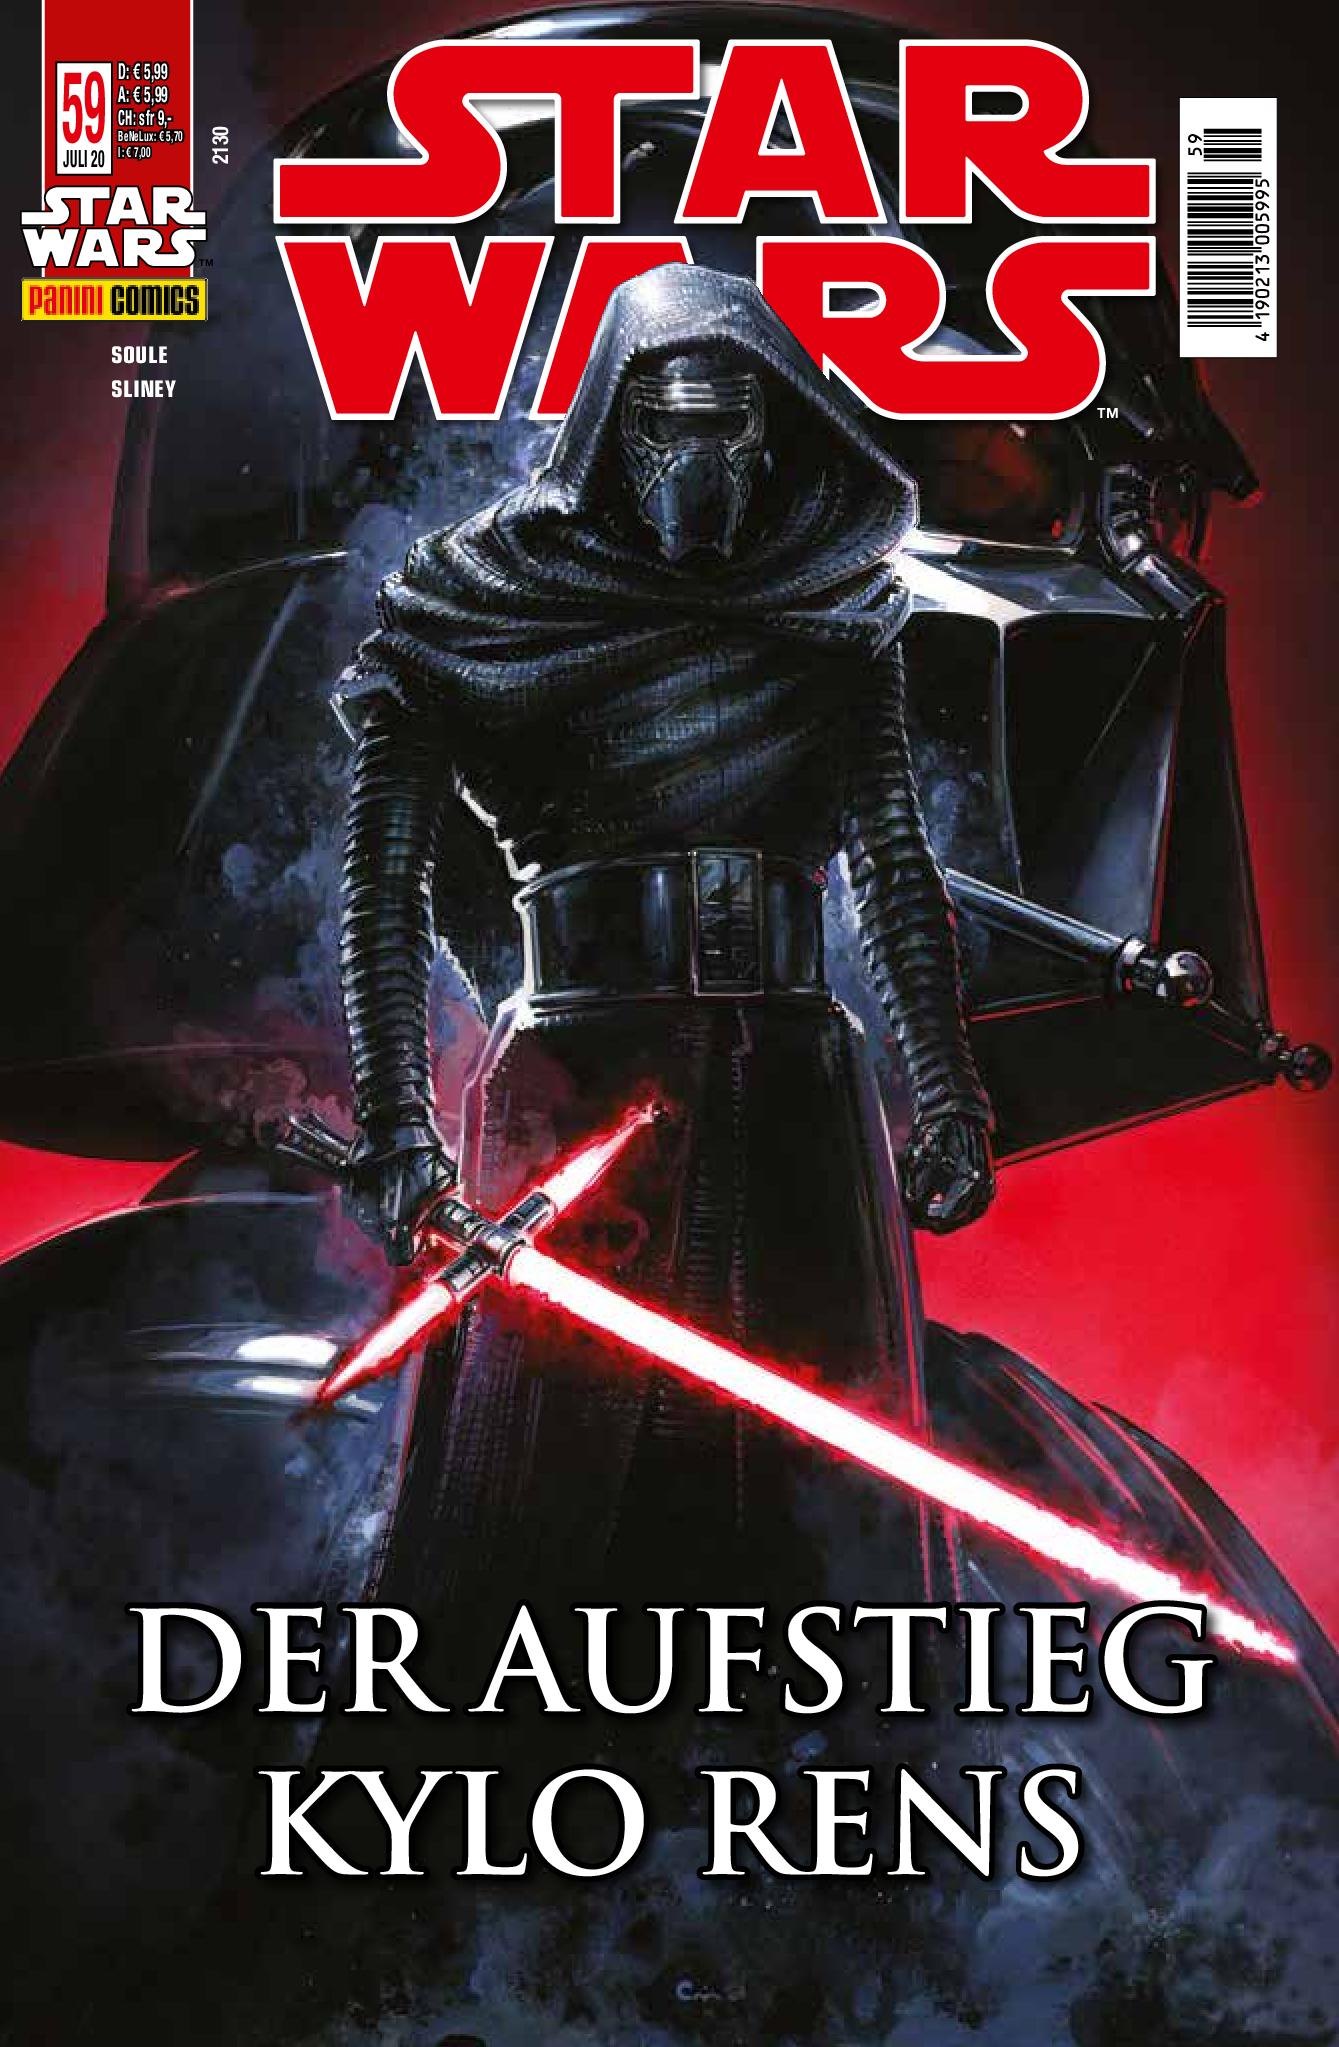 Star Wars 59 - Der Aufstieg Kylo Rens...